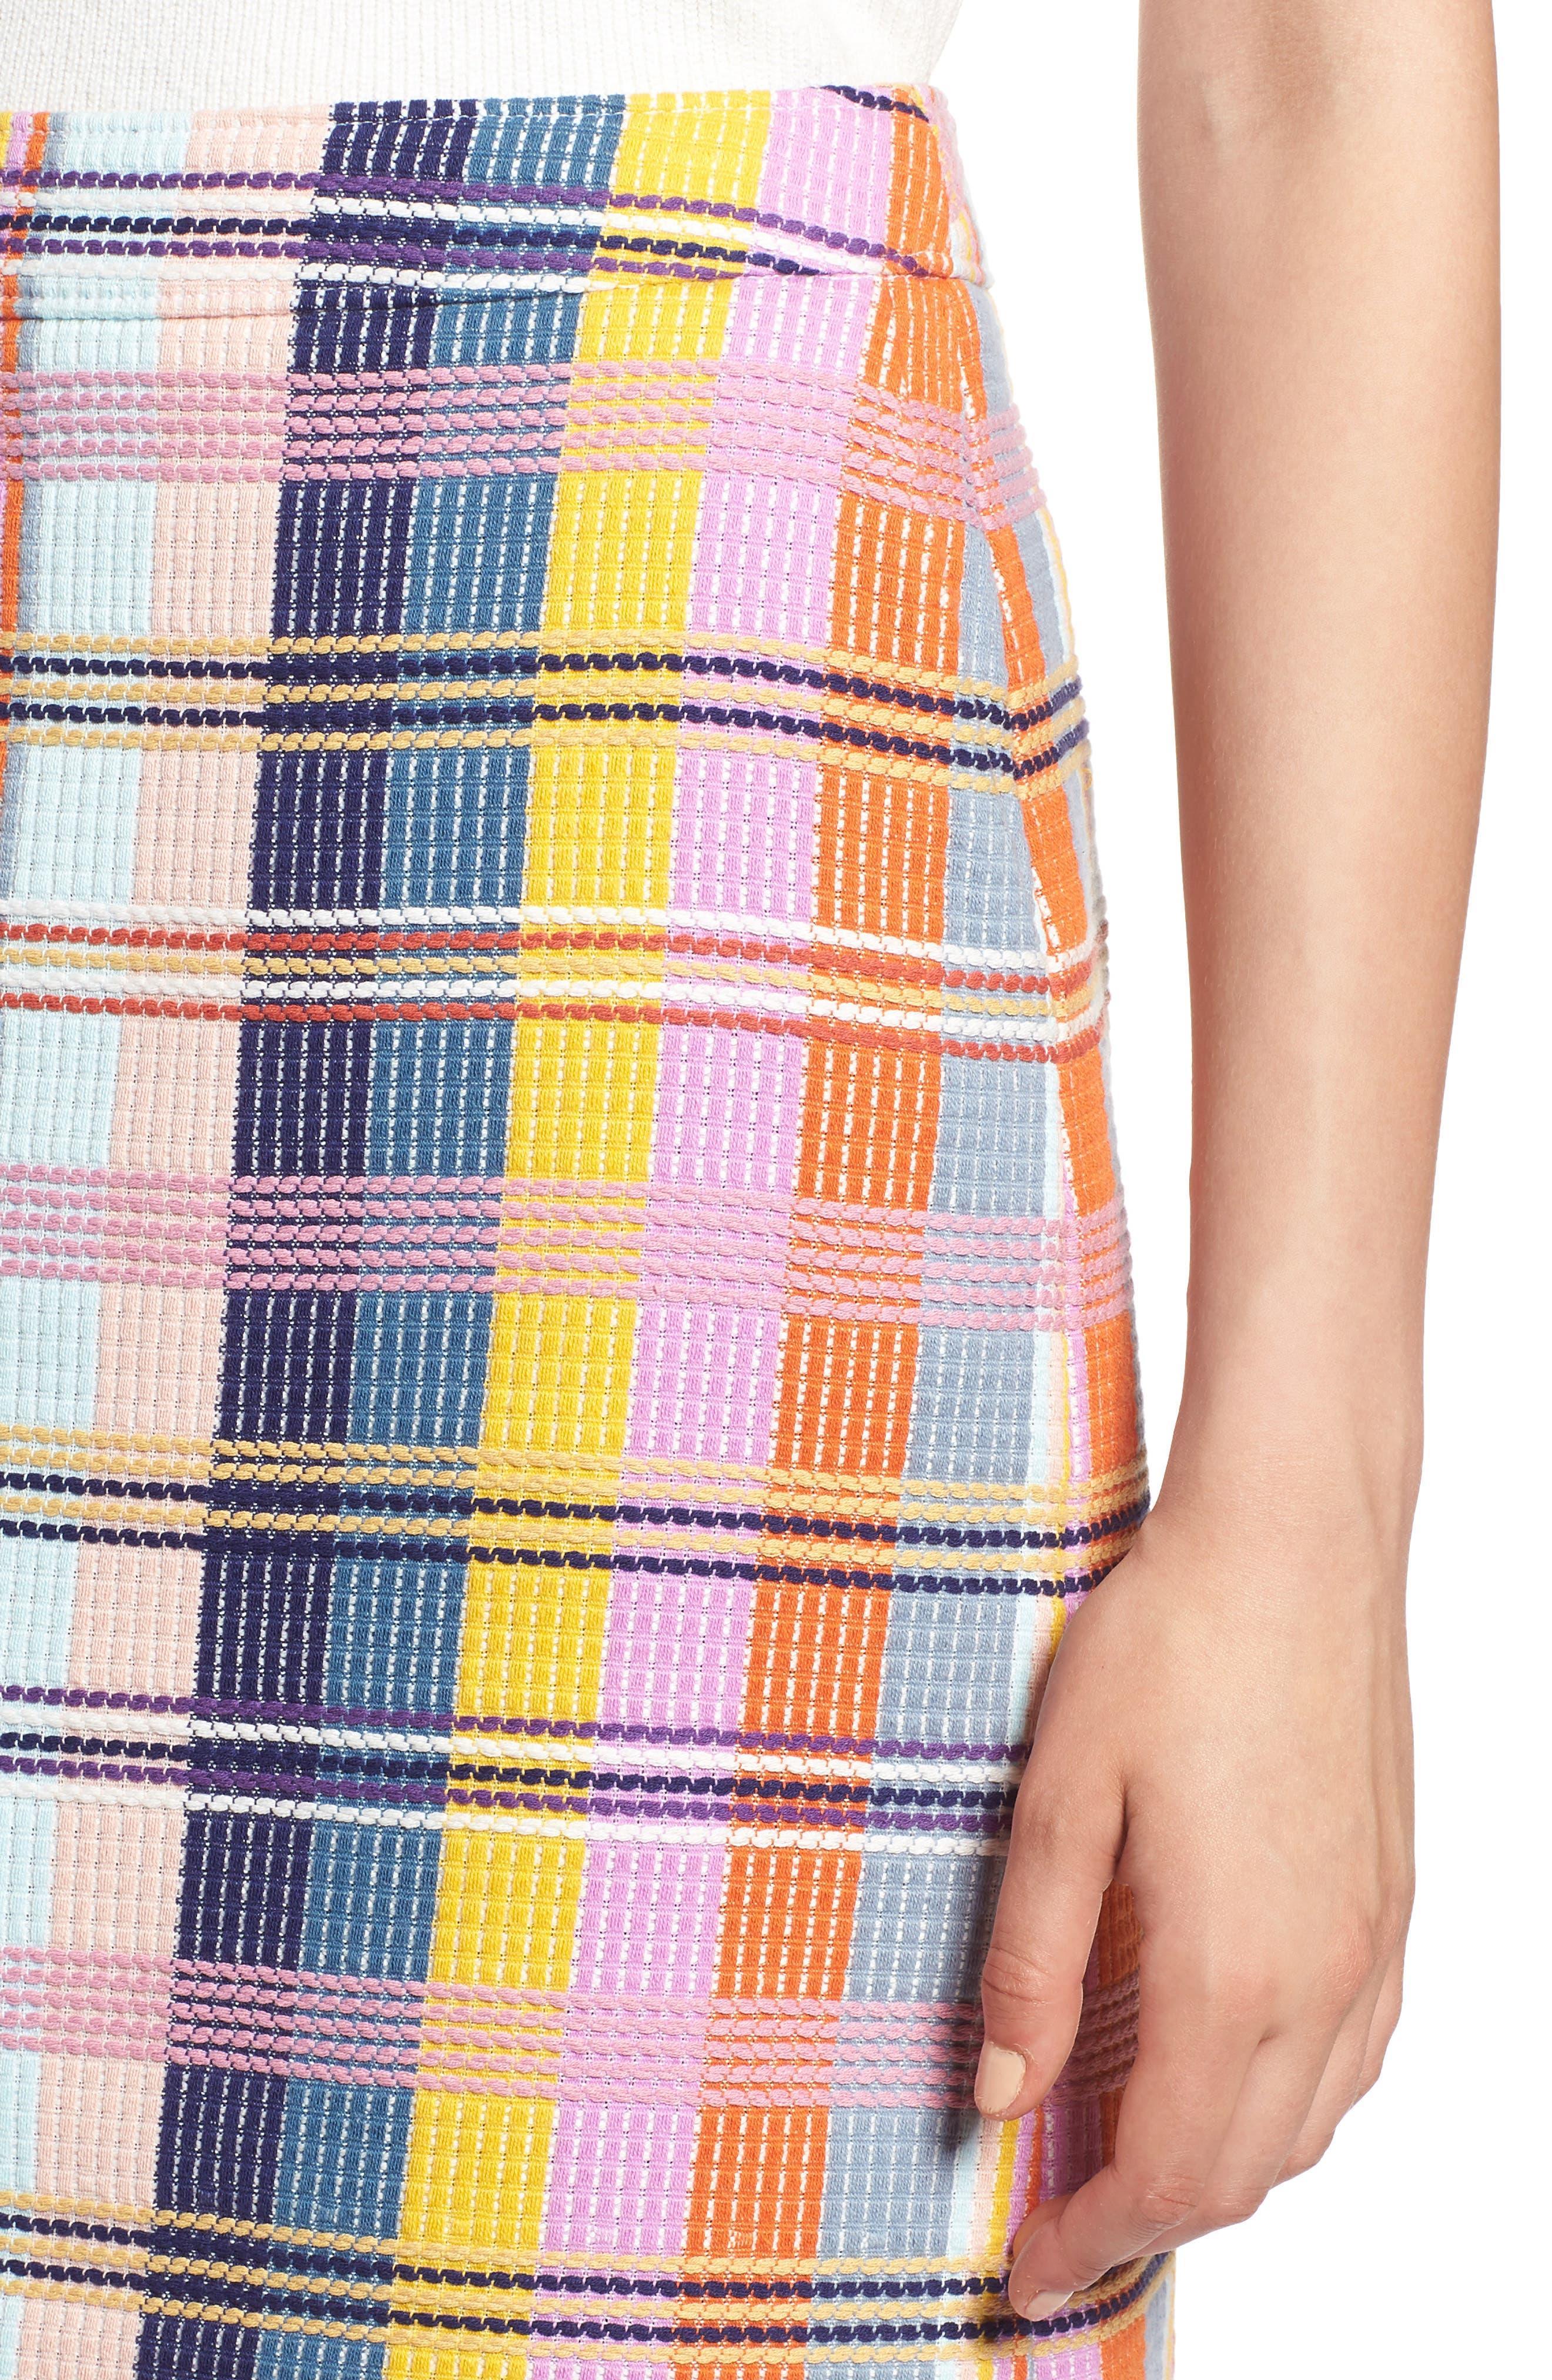 Plaid Tweed Pencil Skirt,                             Alternate thumbnail 4, color,                             BLUE MULTI TWEED